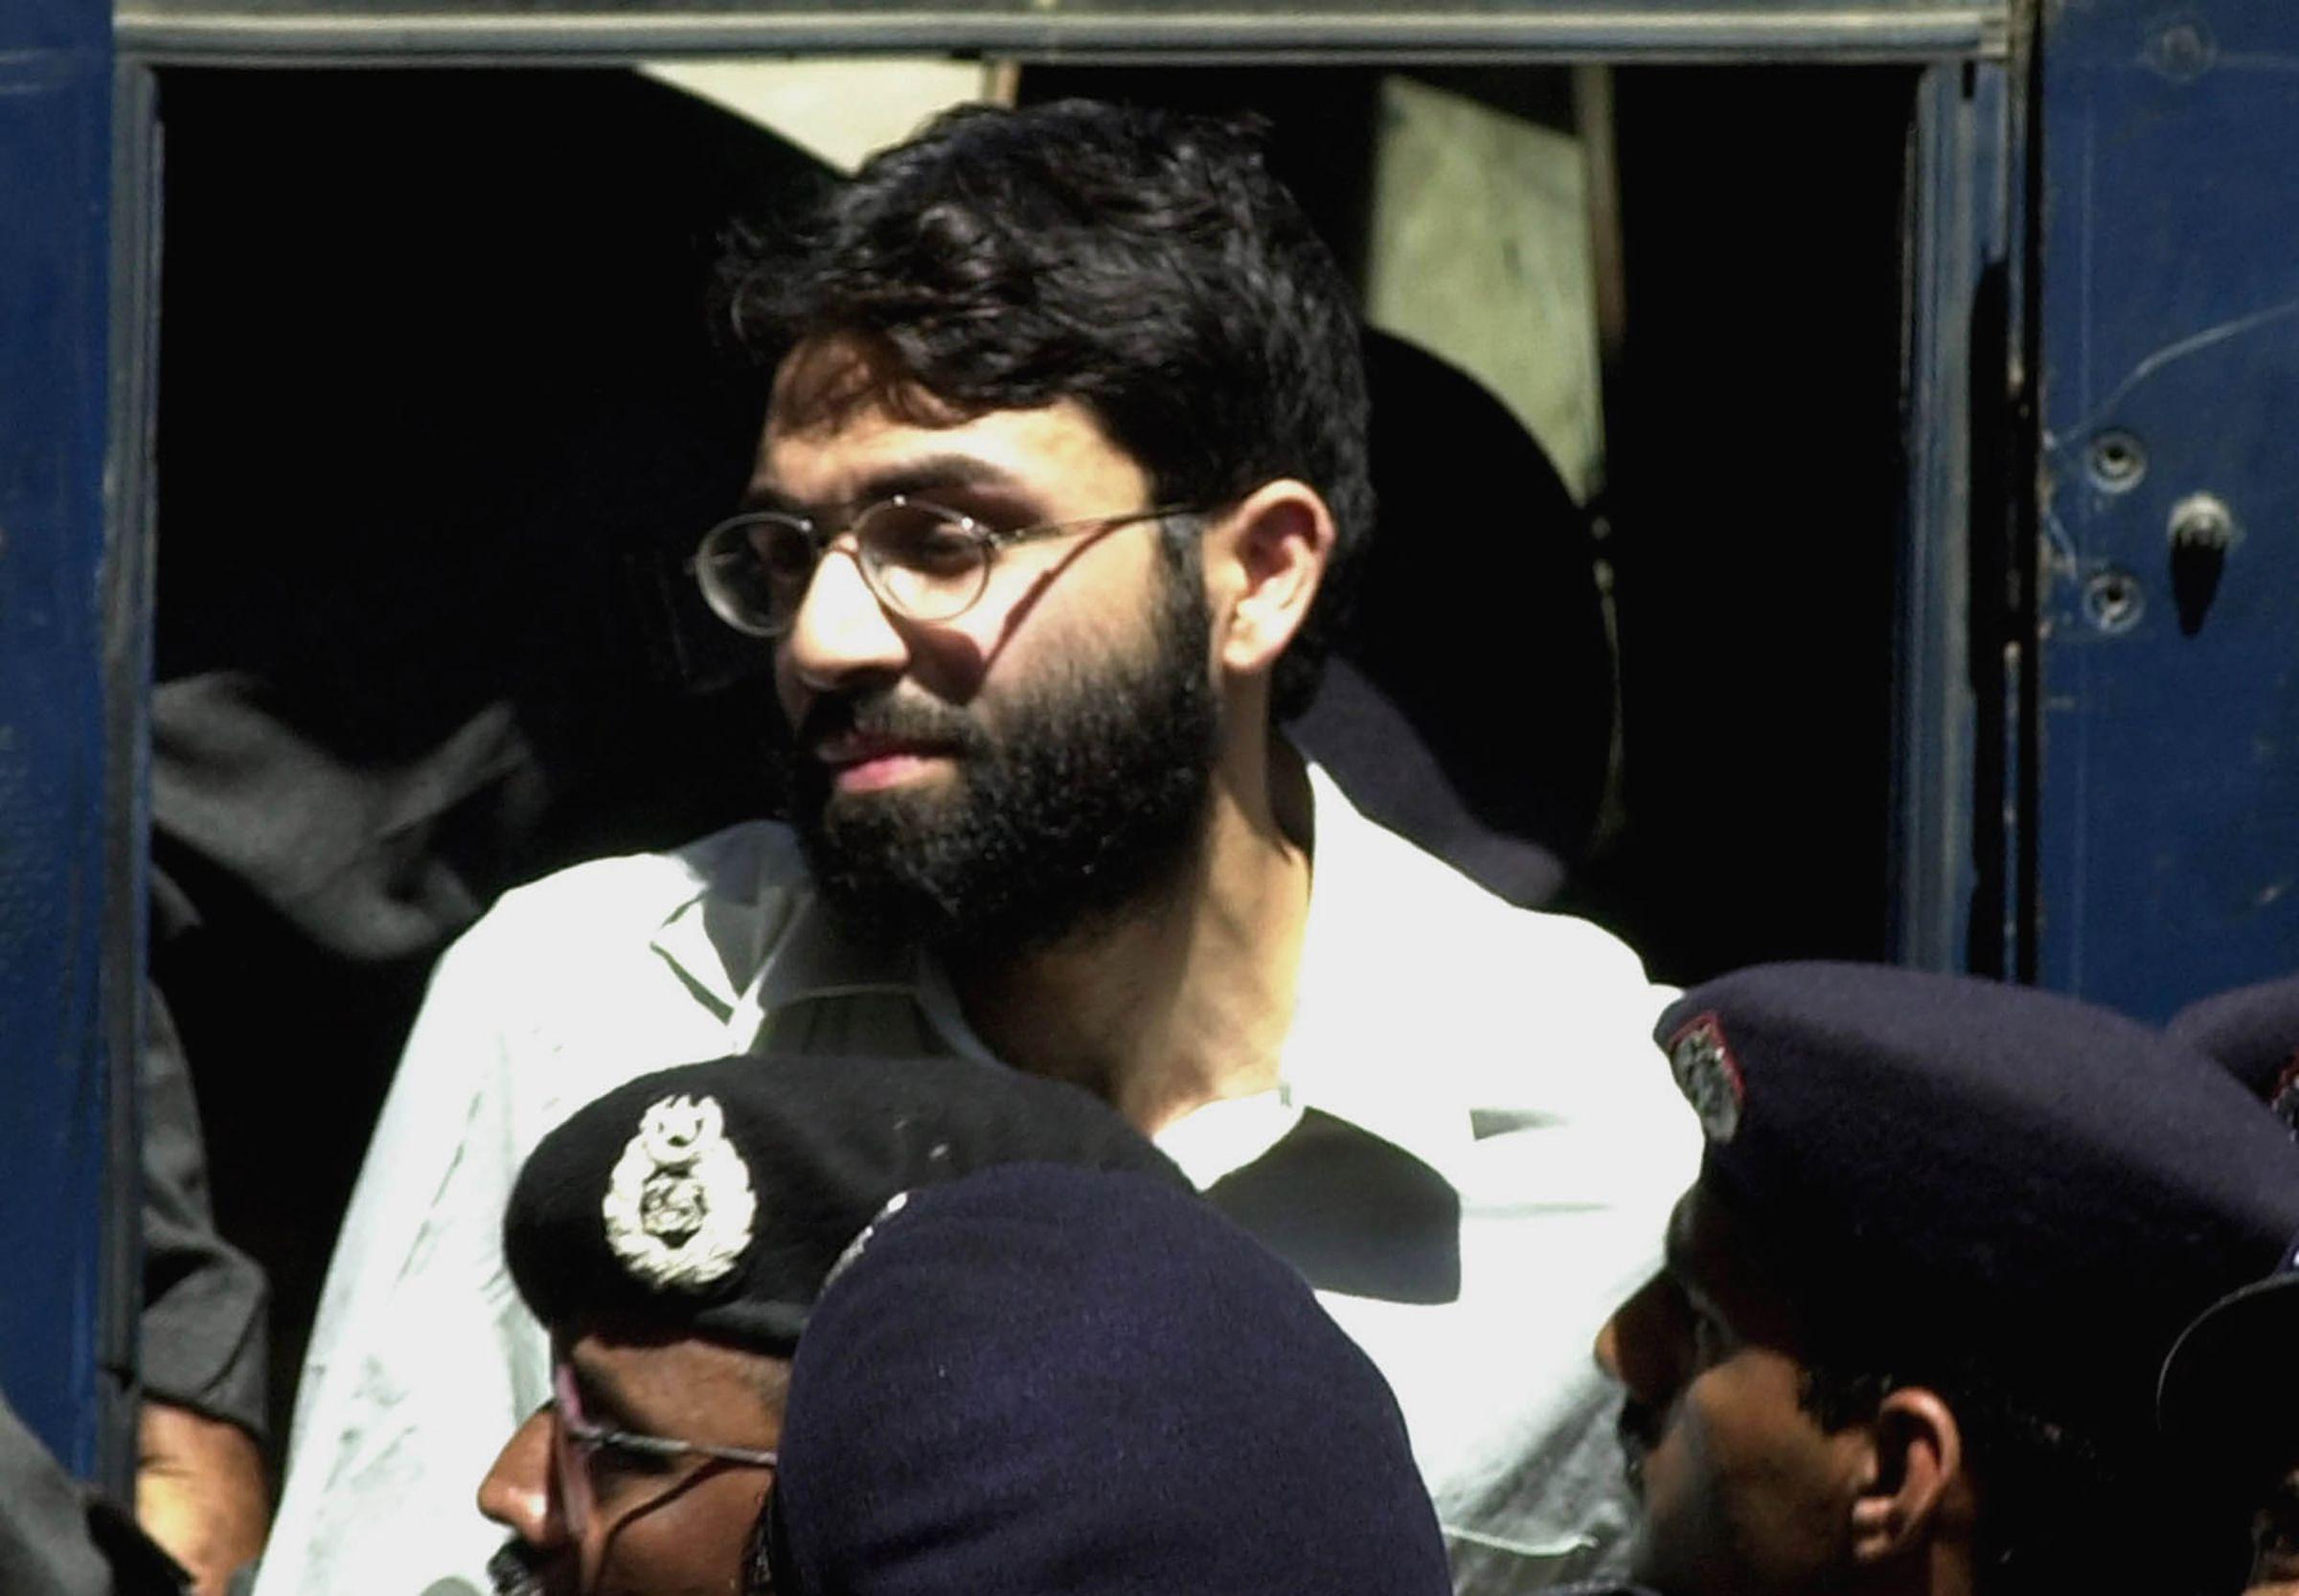 En esta imagen de archivo, tomada el 29 de marzo de 2002, Ahmed Omar Saeed Sheikh, un británico-paquistaní acusado de matar al reportero estadounidense del Wall Street Journal Daniel Pearl en 2002, comparece en un tribunal en Karachi, Pakistán. (AP Foto/Zia Mazhar, archivo)